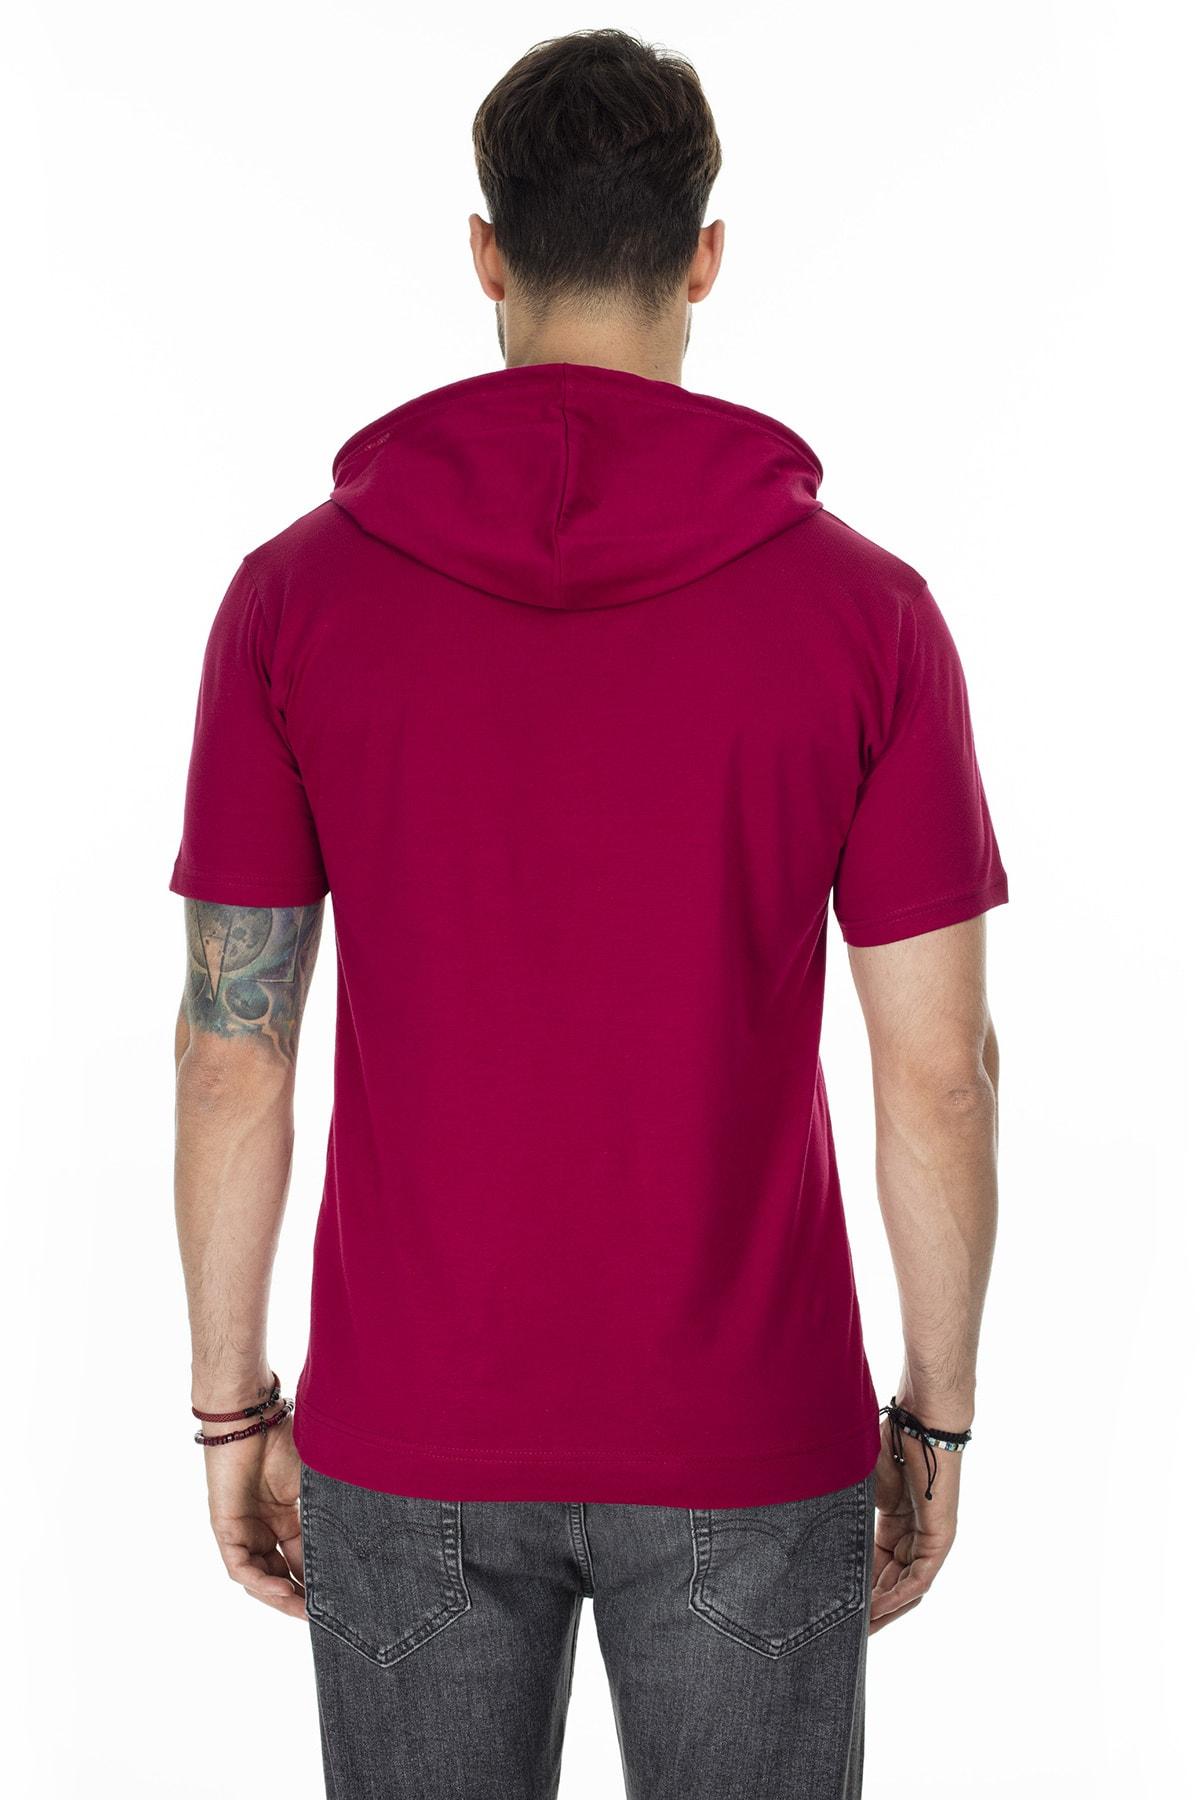 Buratti Erkek Bordo Kapüşonlu Pamuklu Slim Fit Basic T Shirt 5412021 2